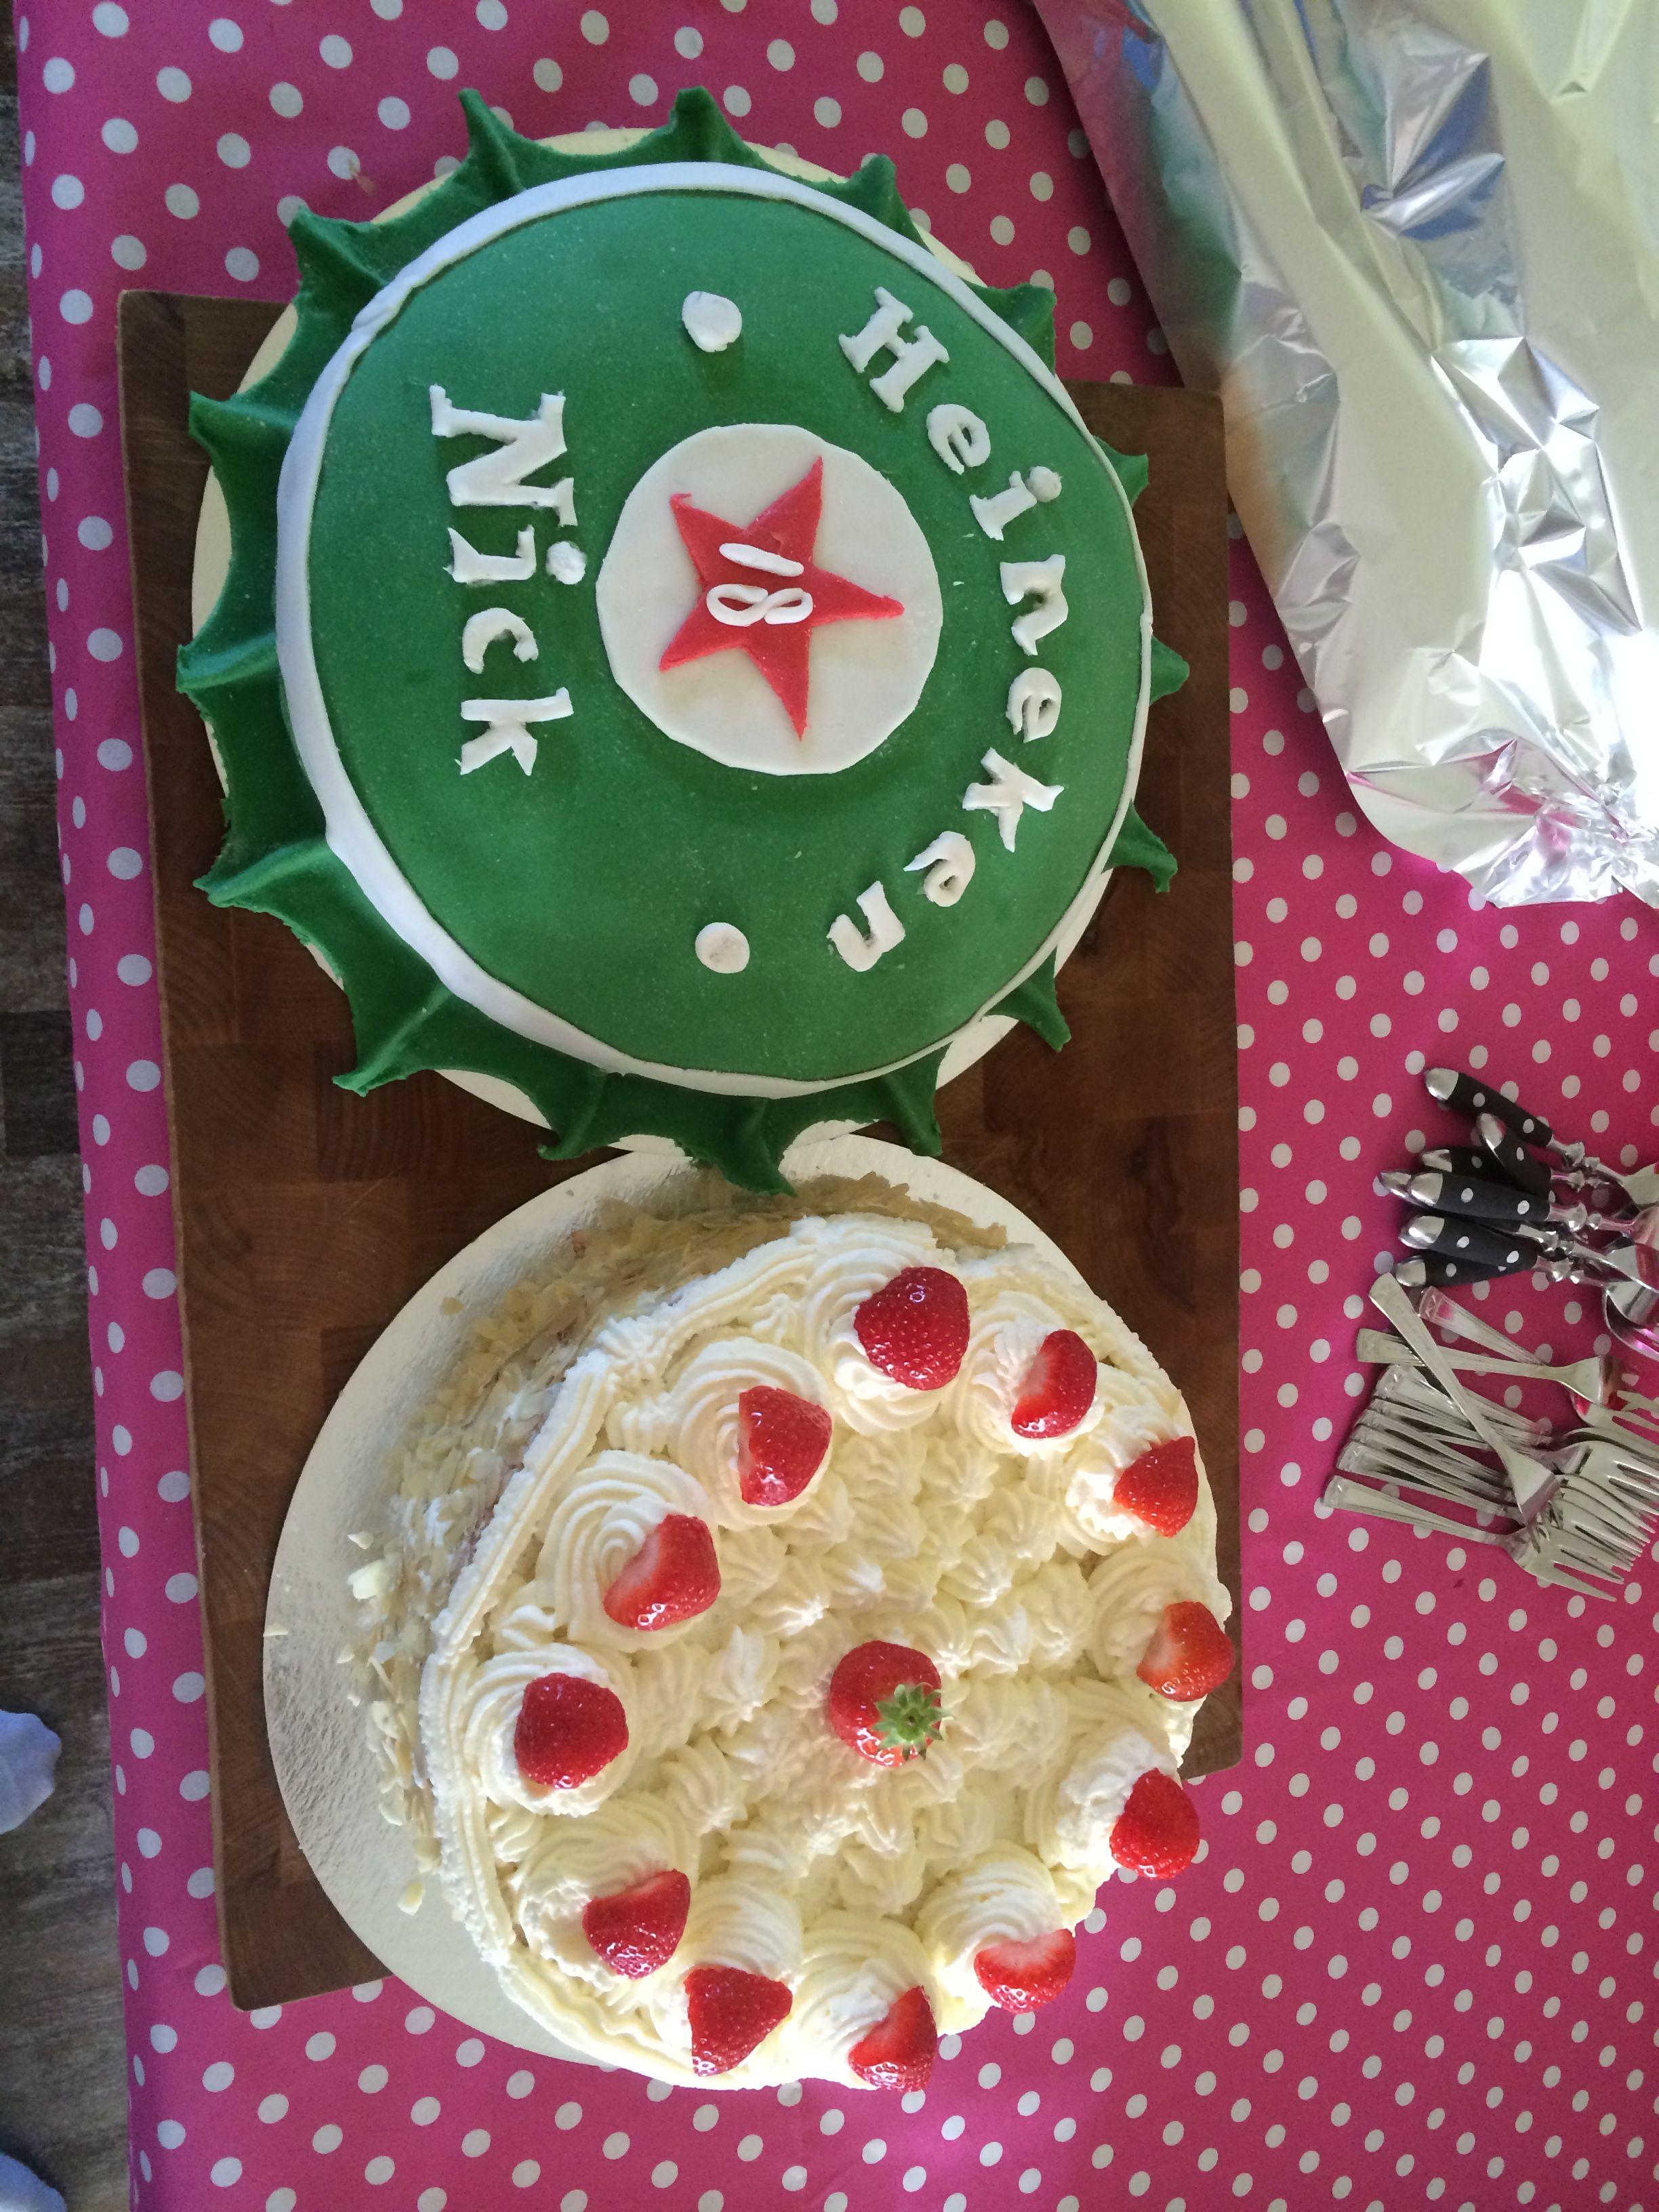 Heineken -en slagroom taart - 18 jaar